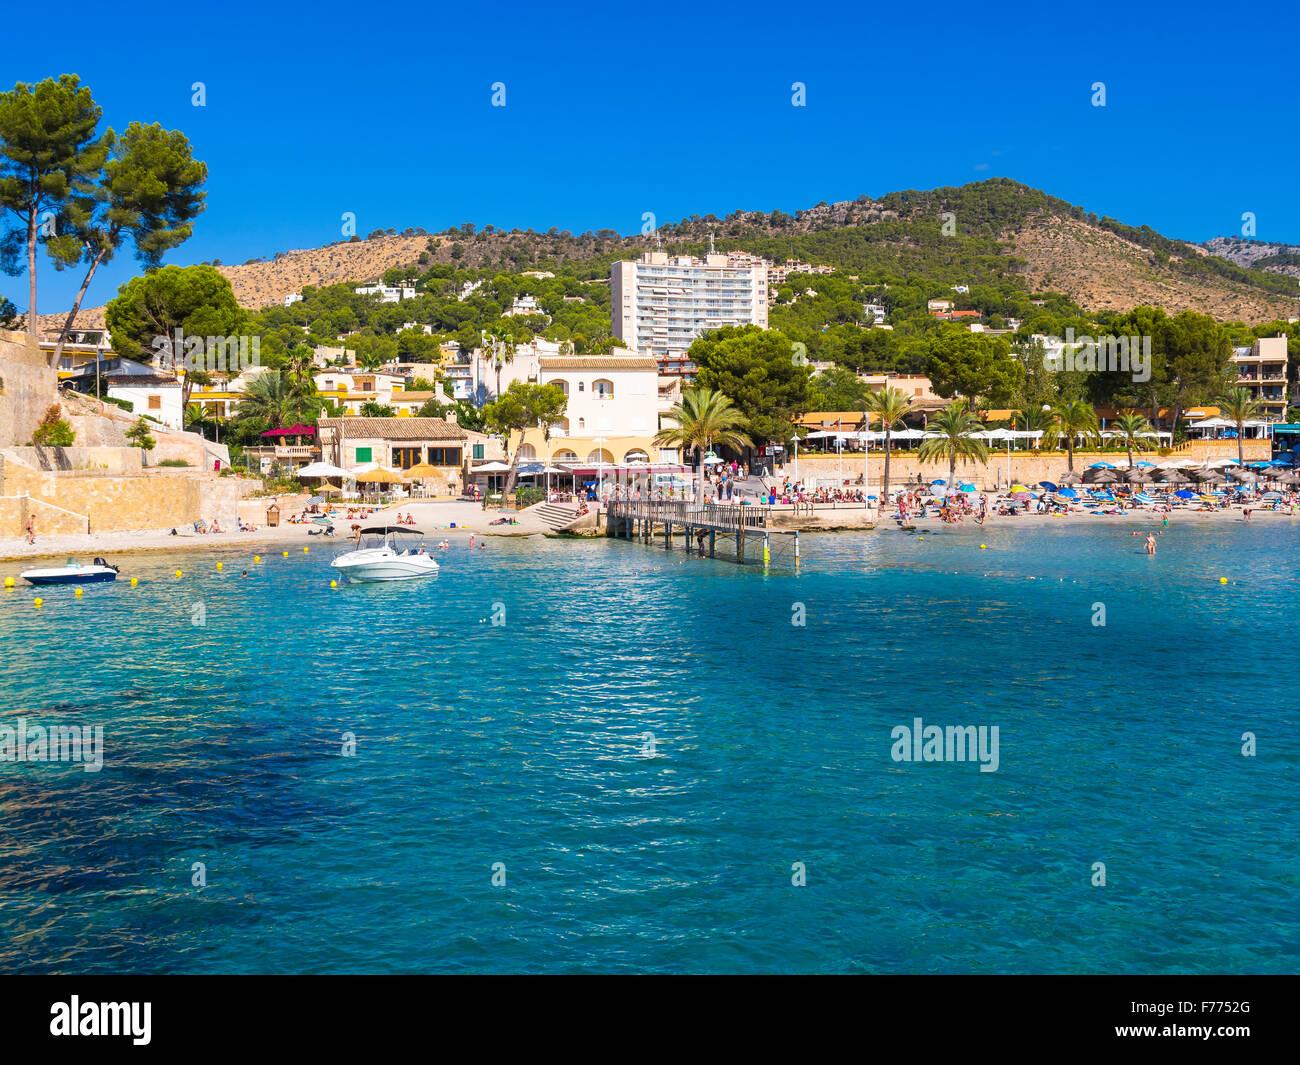 Bahía de Paguera, Mallorca, Islas Baleares, España Imagen De Stock